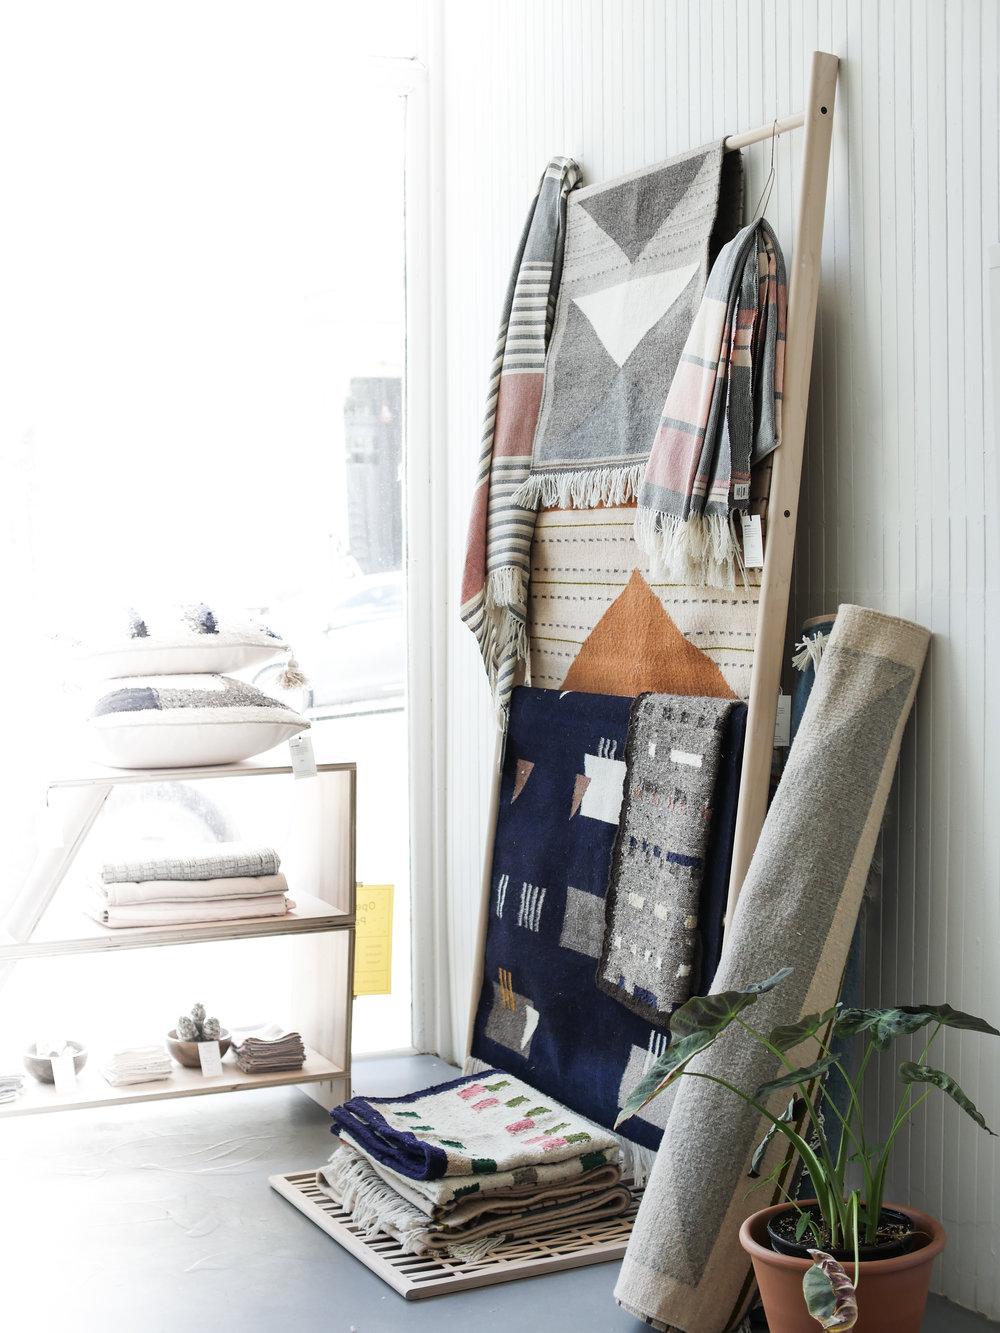 textile shop-1.jpg